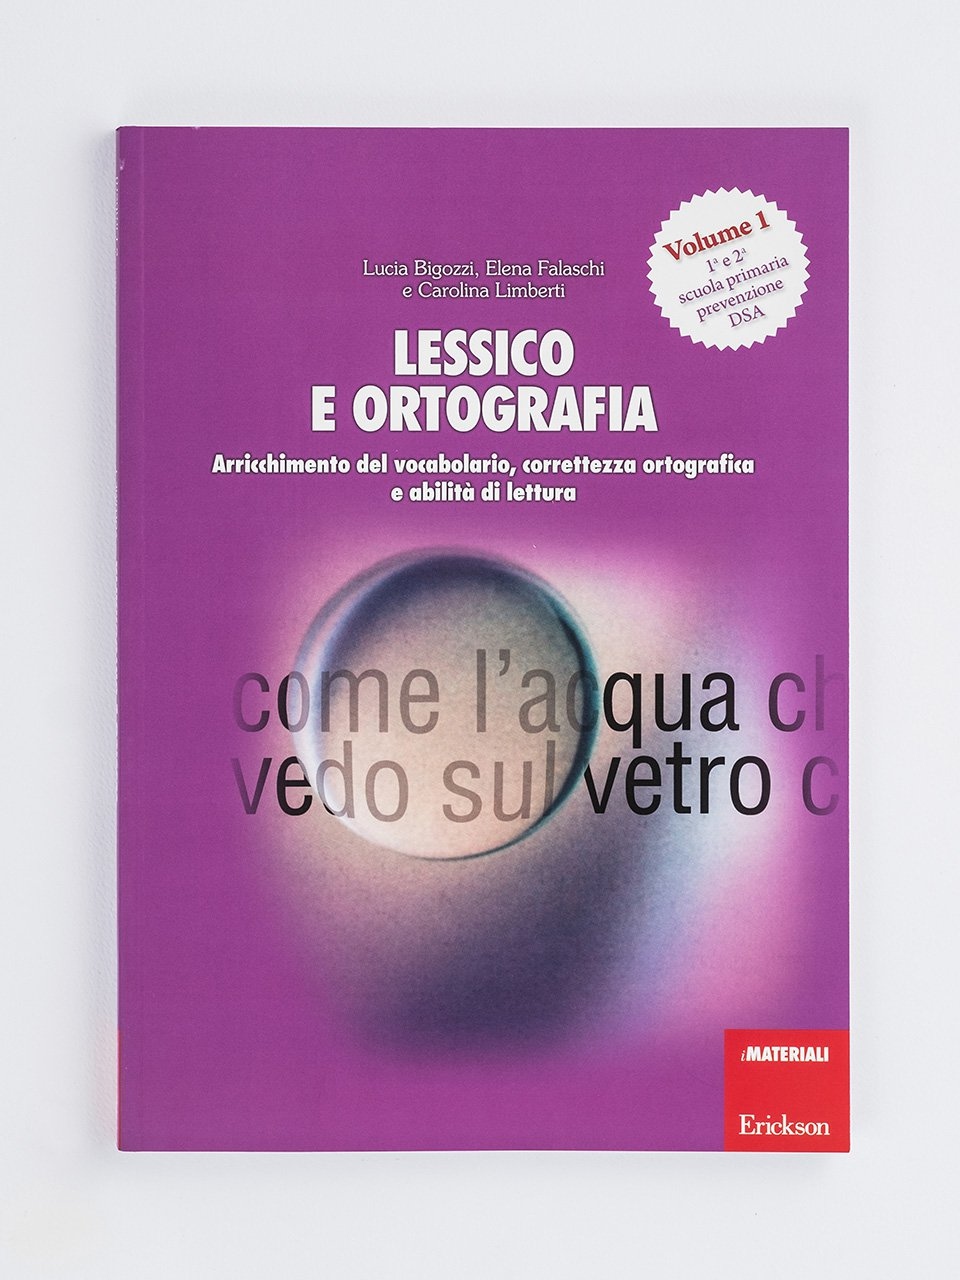 Lessico e ortografia - Volume 1 - Tablet delle regole di Italiano - Libri - Erickson